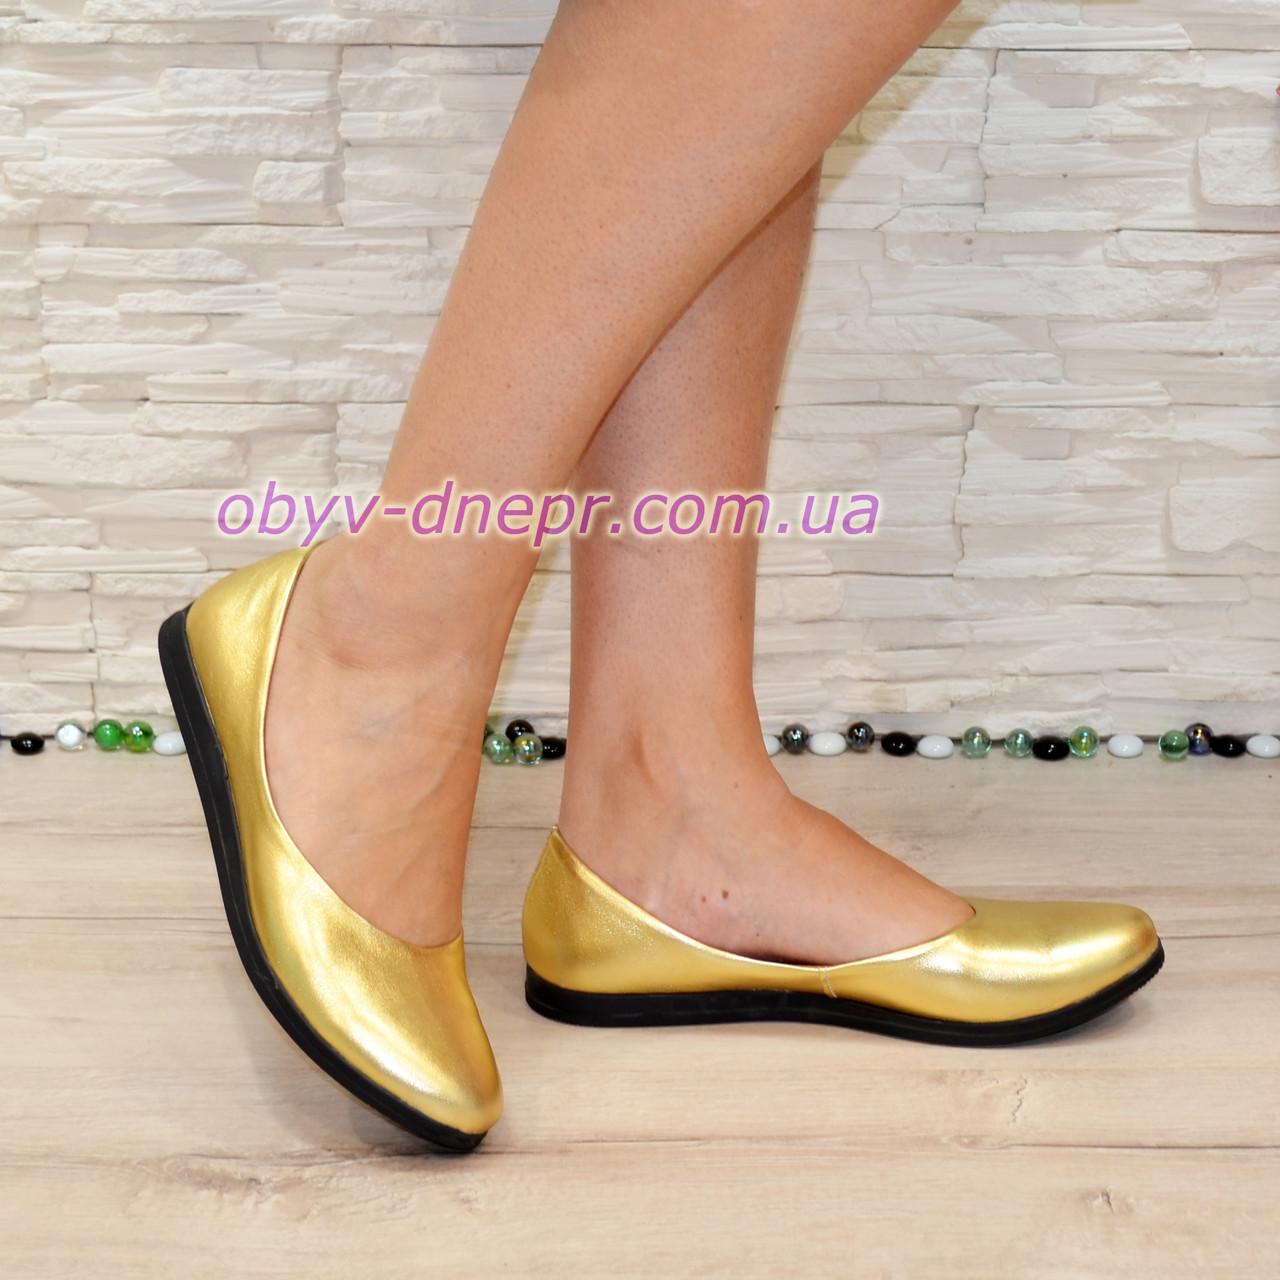 Туфлі жіночі шкіряні на товстій підошві колір золото